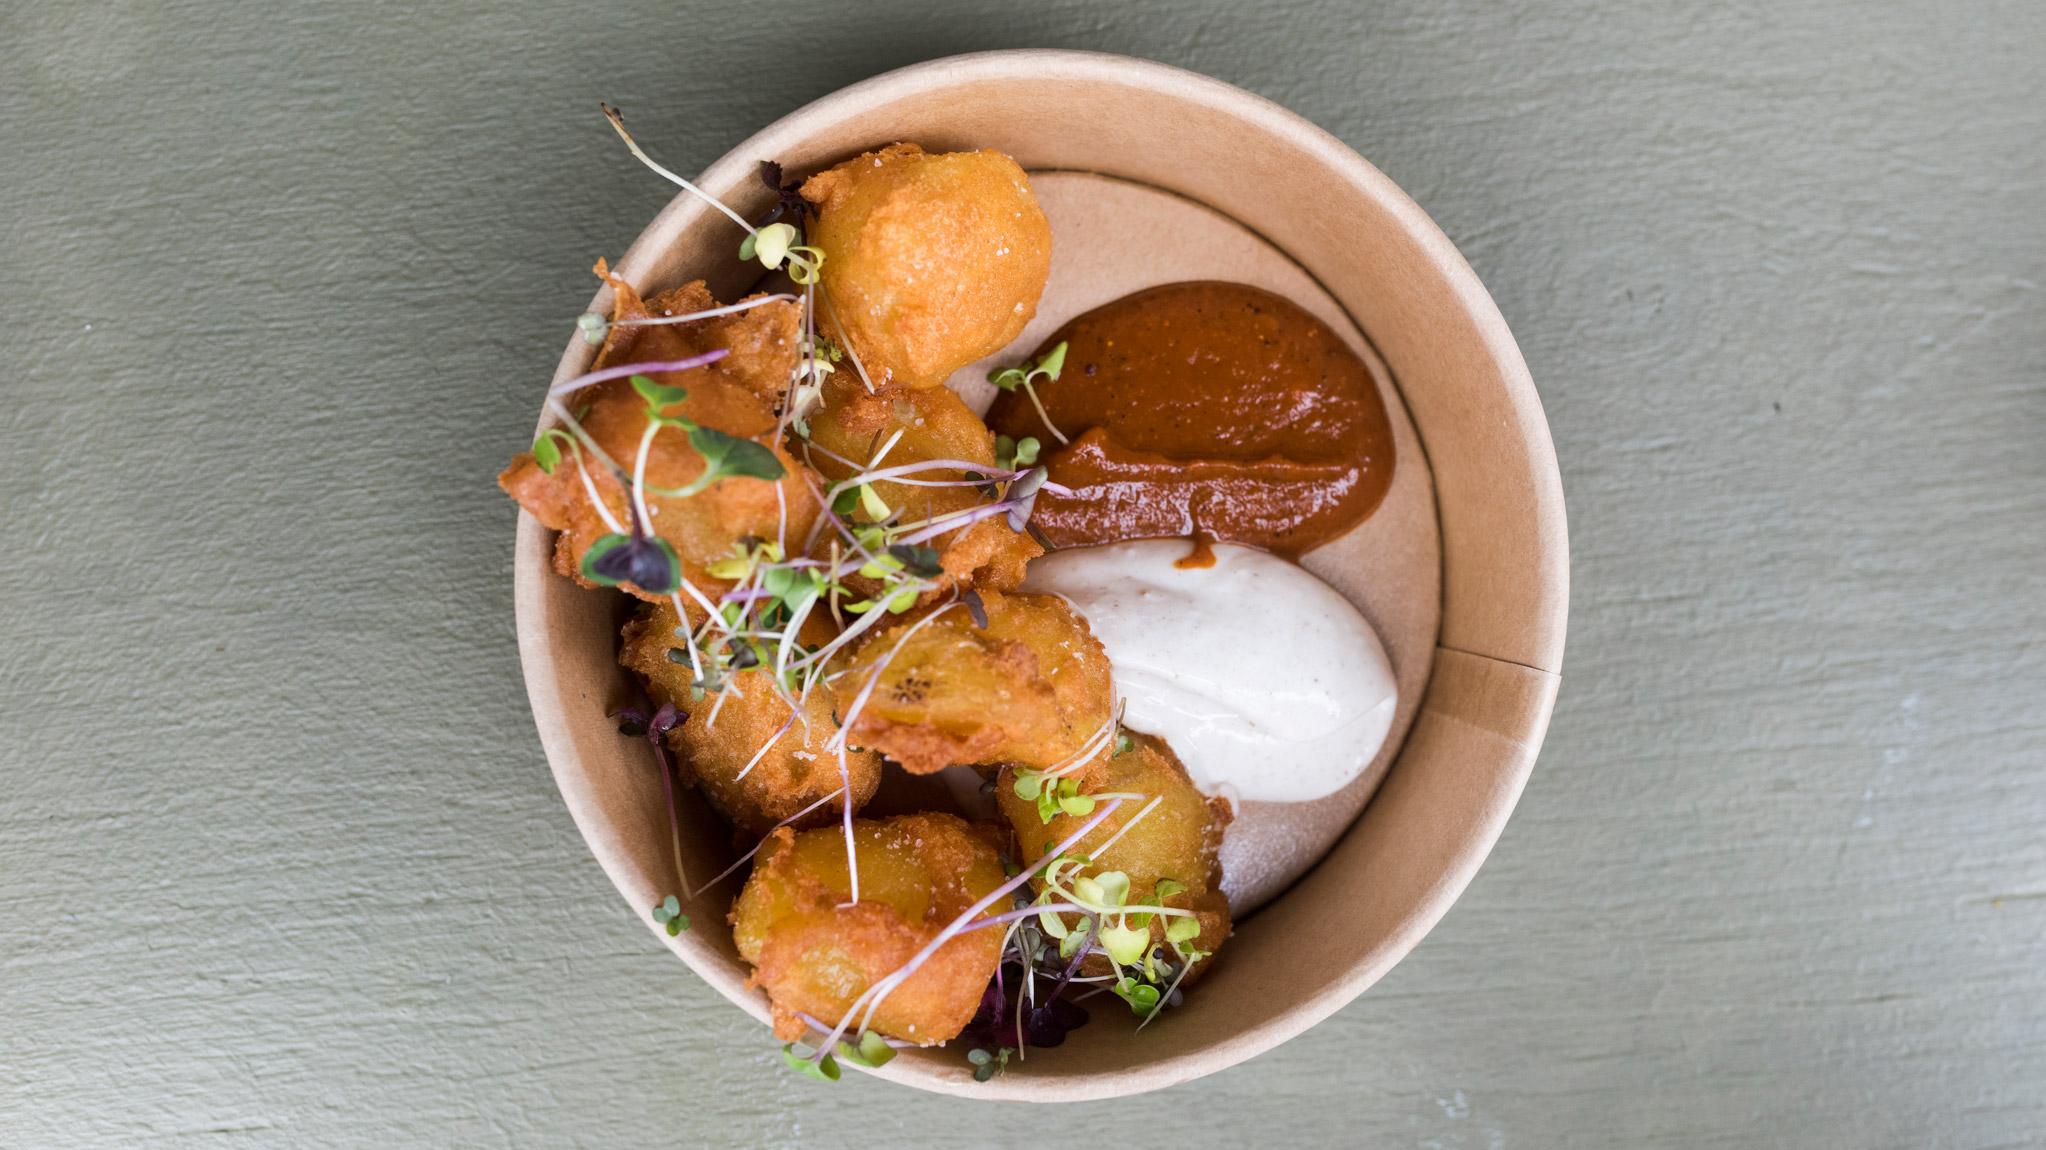 Kuva ravintola Kuurnan peruna-annoksesta